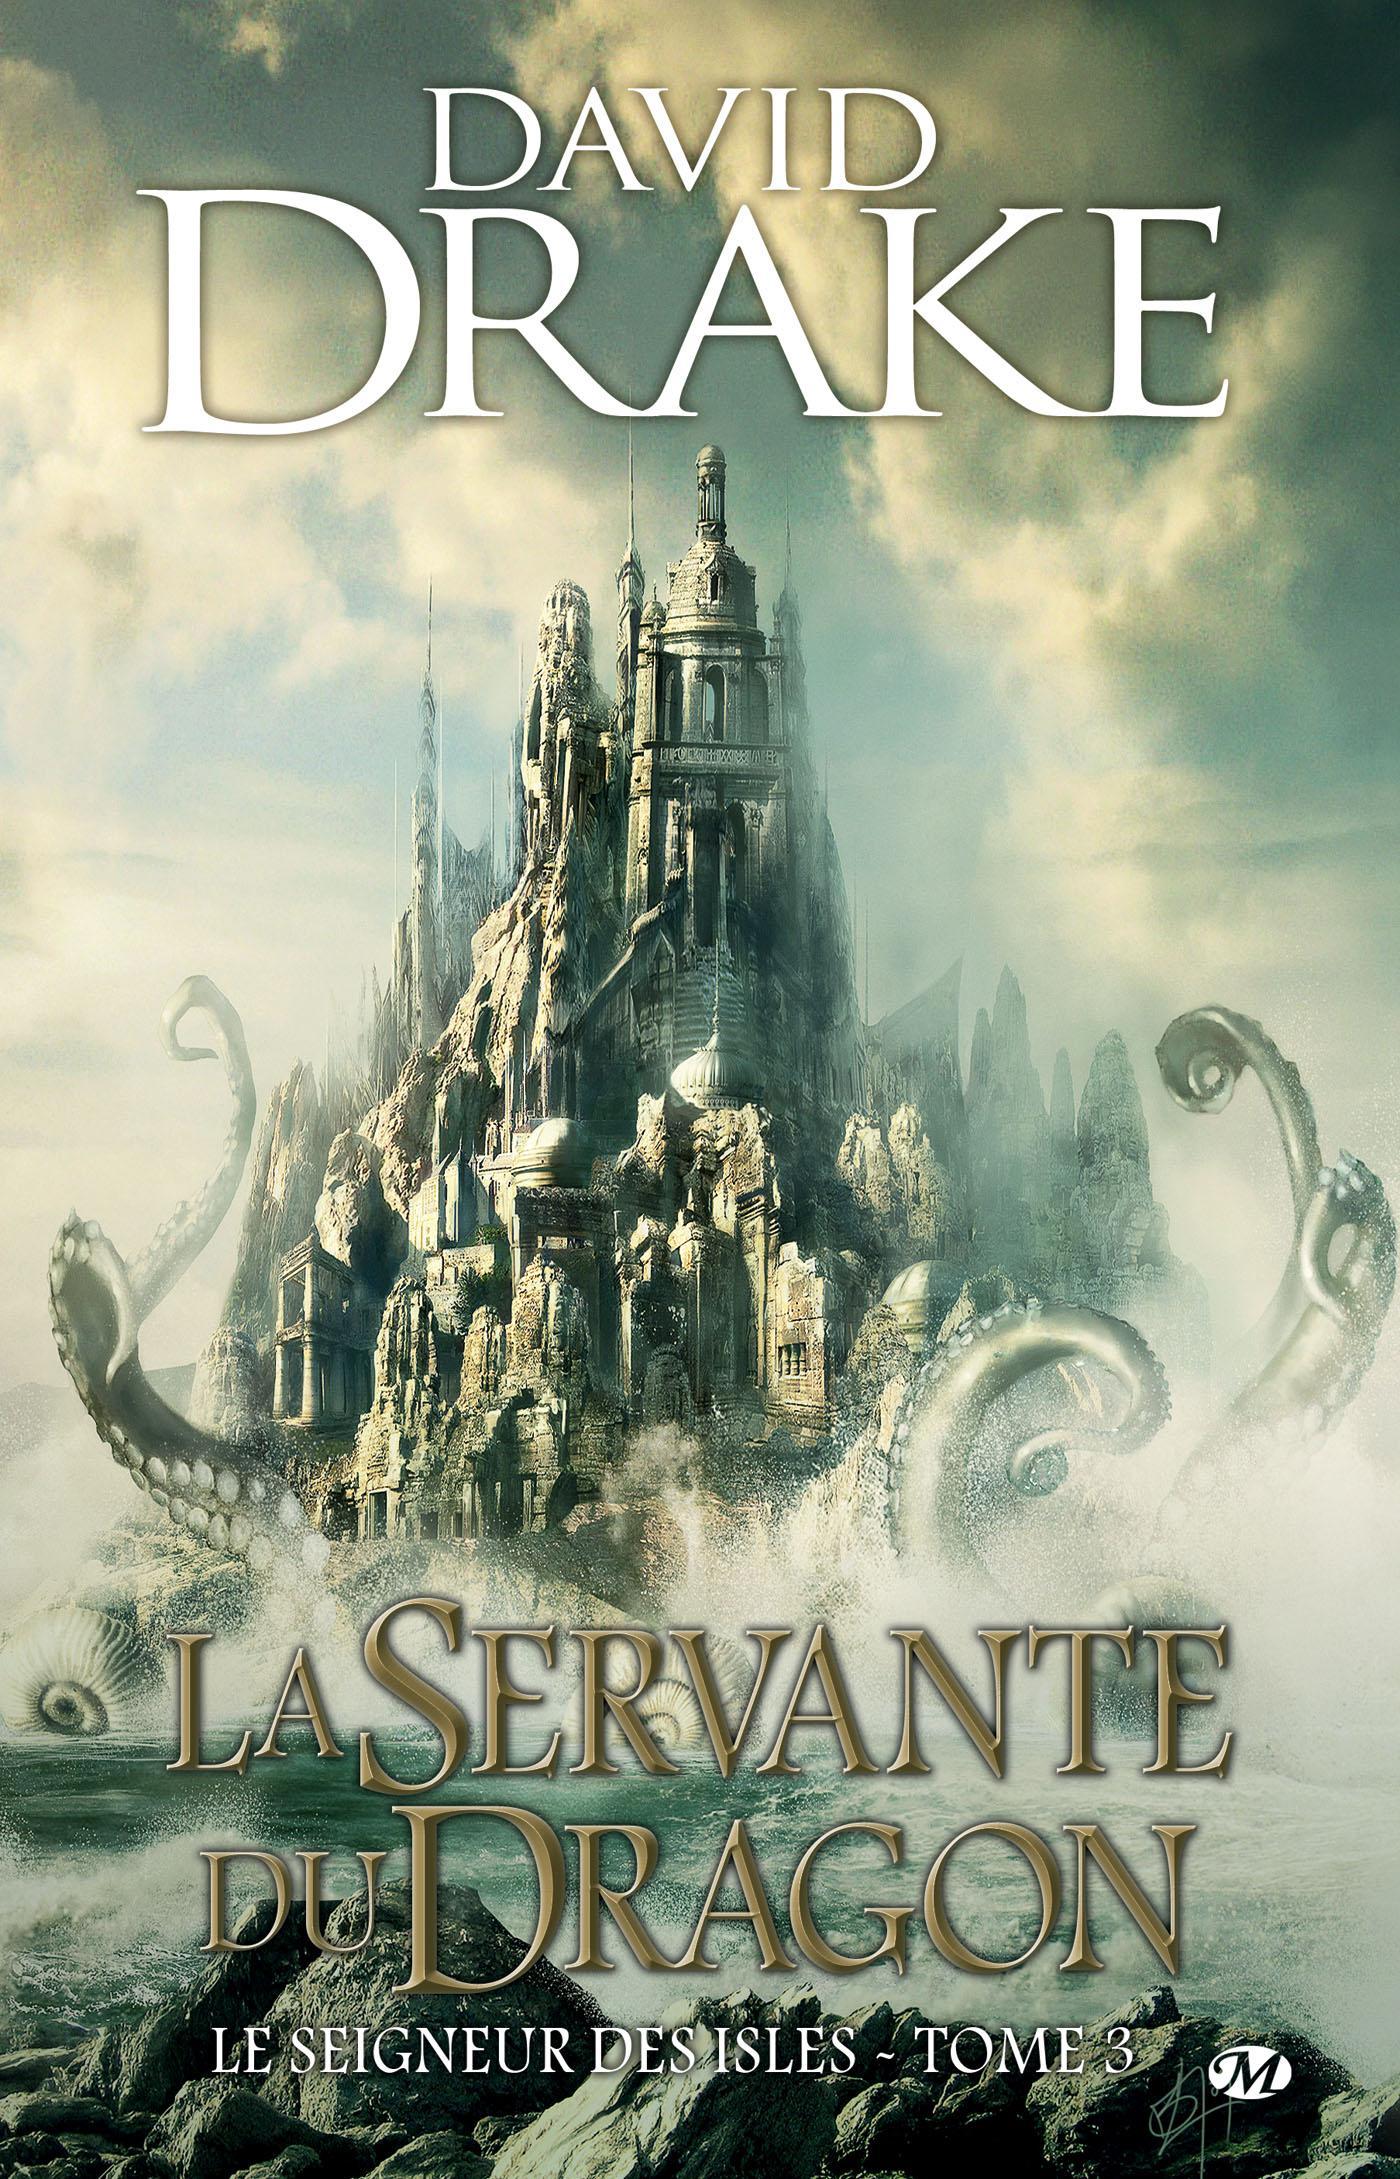 La Servante du Dragon, LE SEIGNEUR DES ISLES, T3